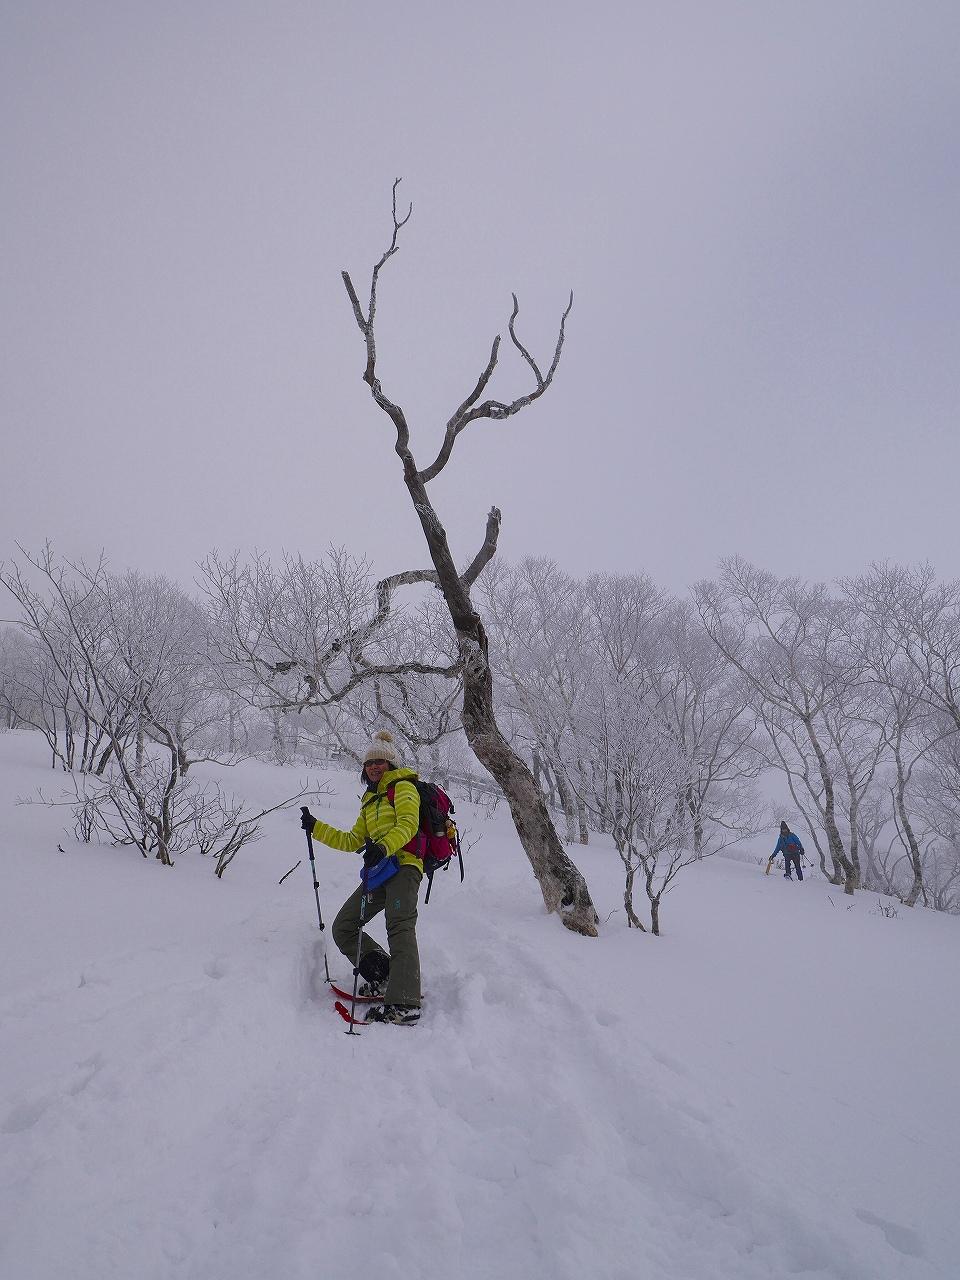 紋別岳から748mピークピストン、2017.1.8-その1-_f0138096_2114110.jpg